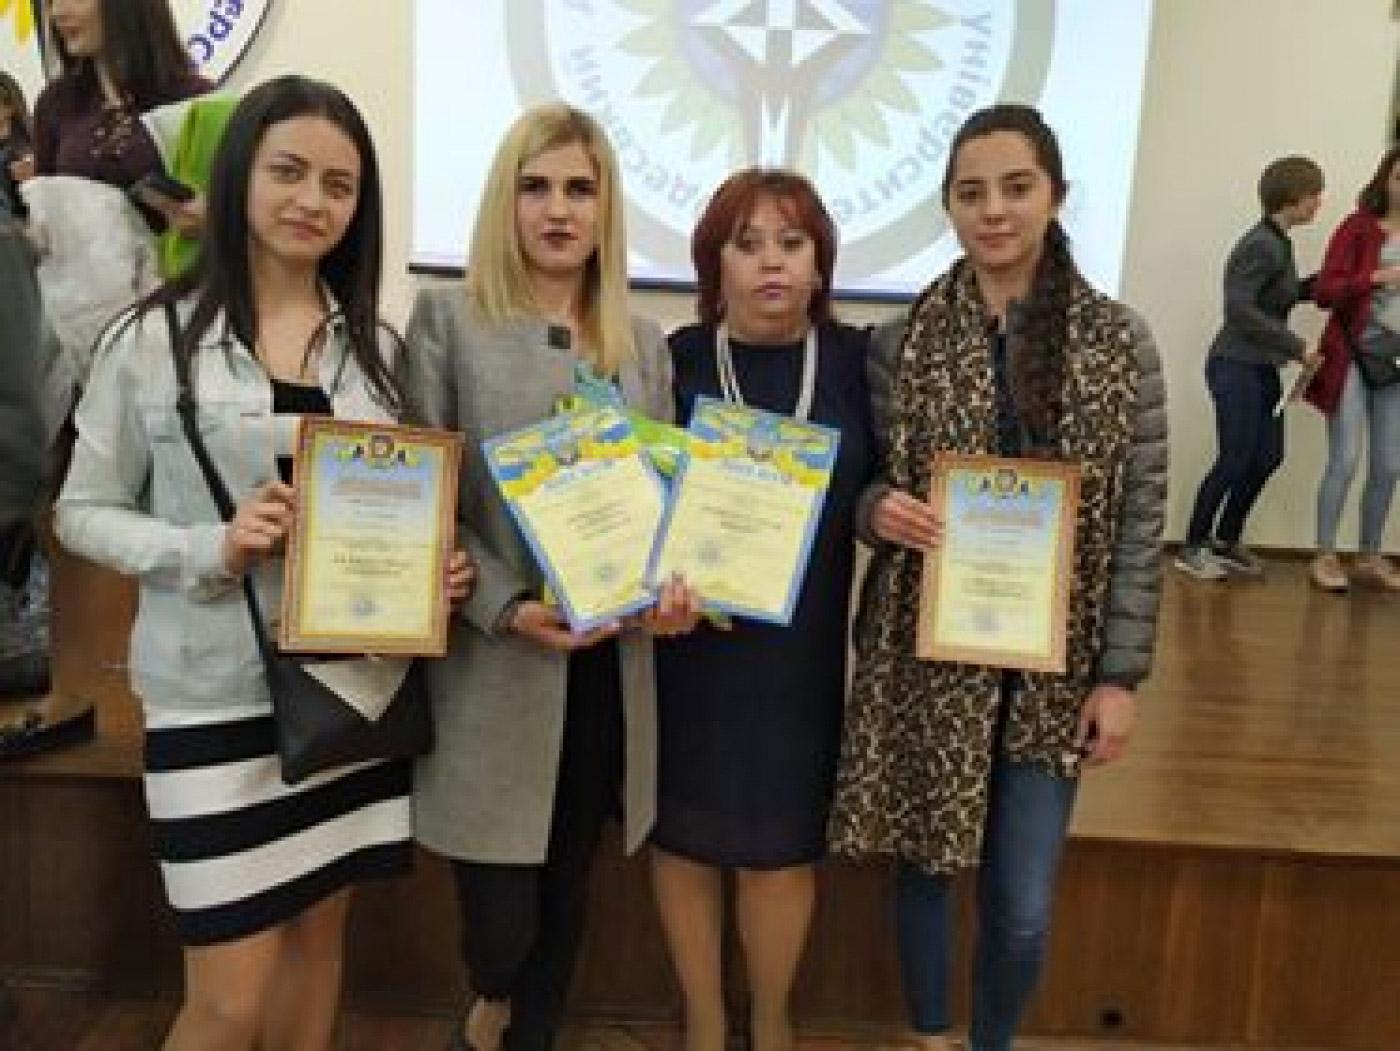 Студентки франківського вишу посіли друге місце на Всеукраїнській олімпіаді з екології (ФОТО)